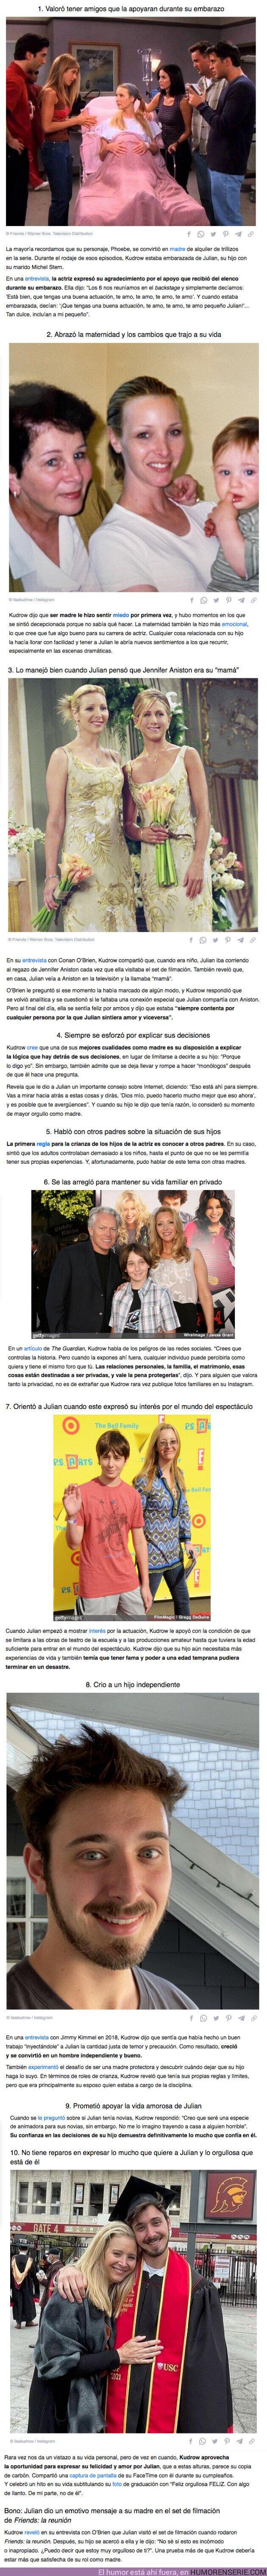 75616 - GALERÍA: El hijo de Lisa Kudrow pensaba que Jennifer Aniston era su madre, y 9 cosas más con las que vas a flipar